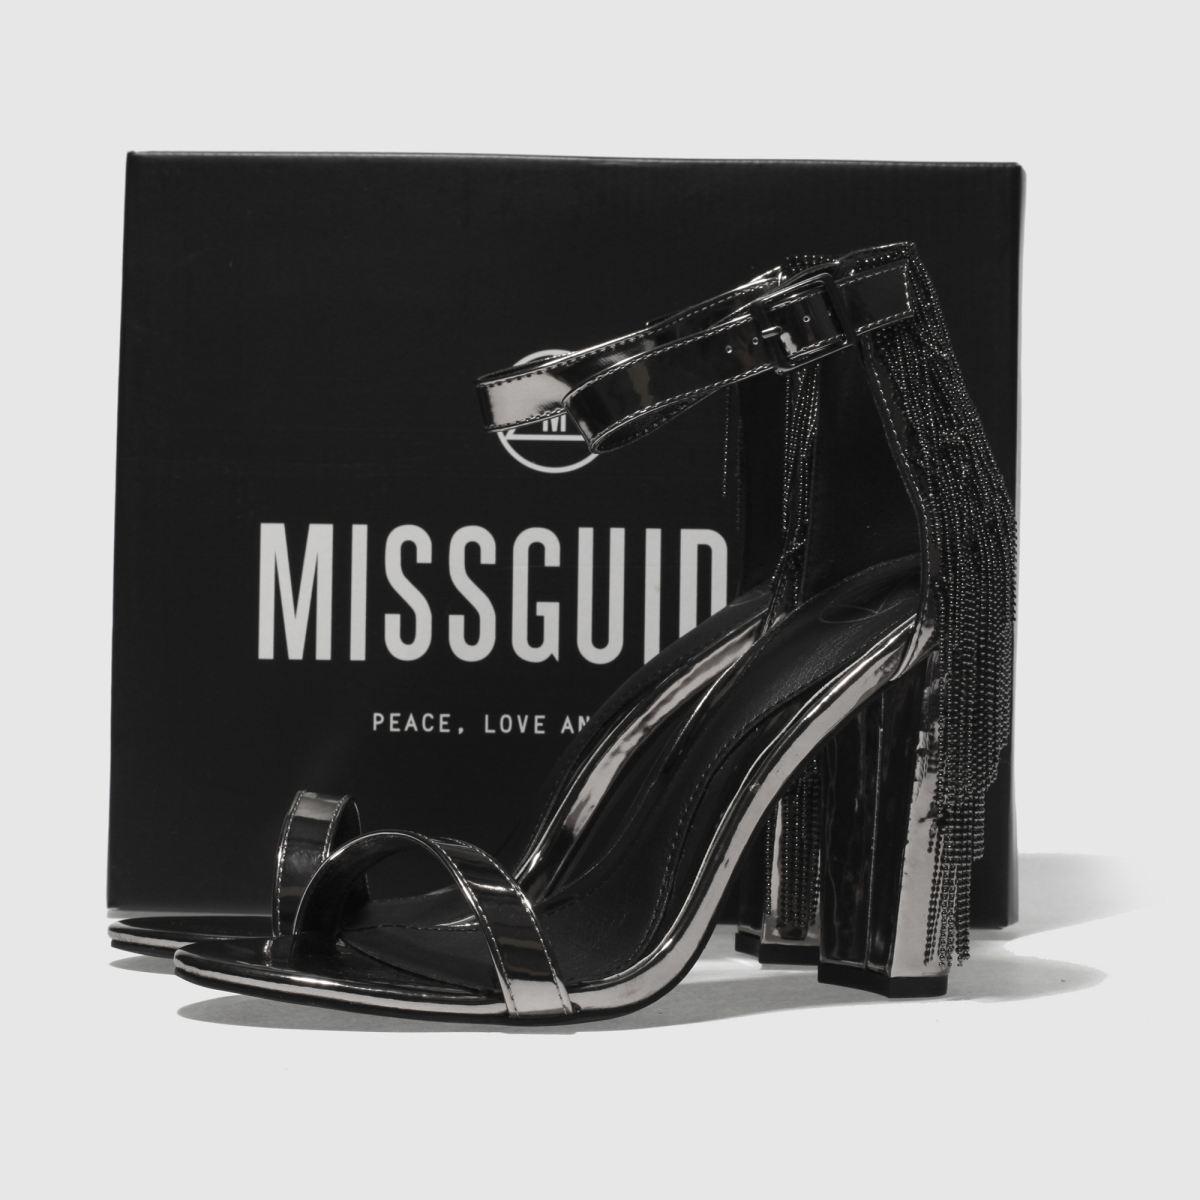 Damen Zinn missguided Metal Tassel Block High Heels   Schuhe schuh Gute Qualität beliebte Schuhe   3ab9ad